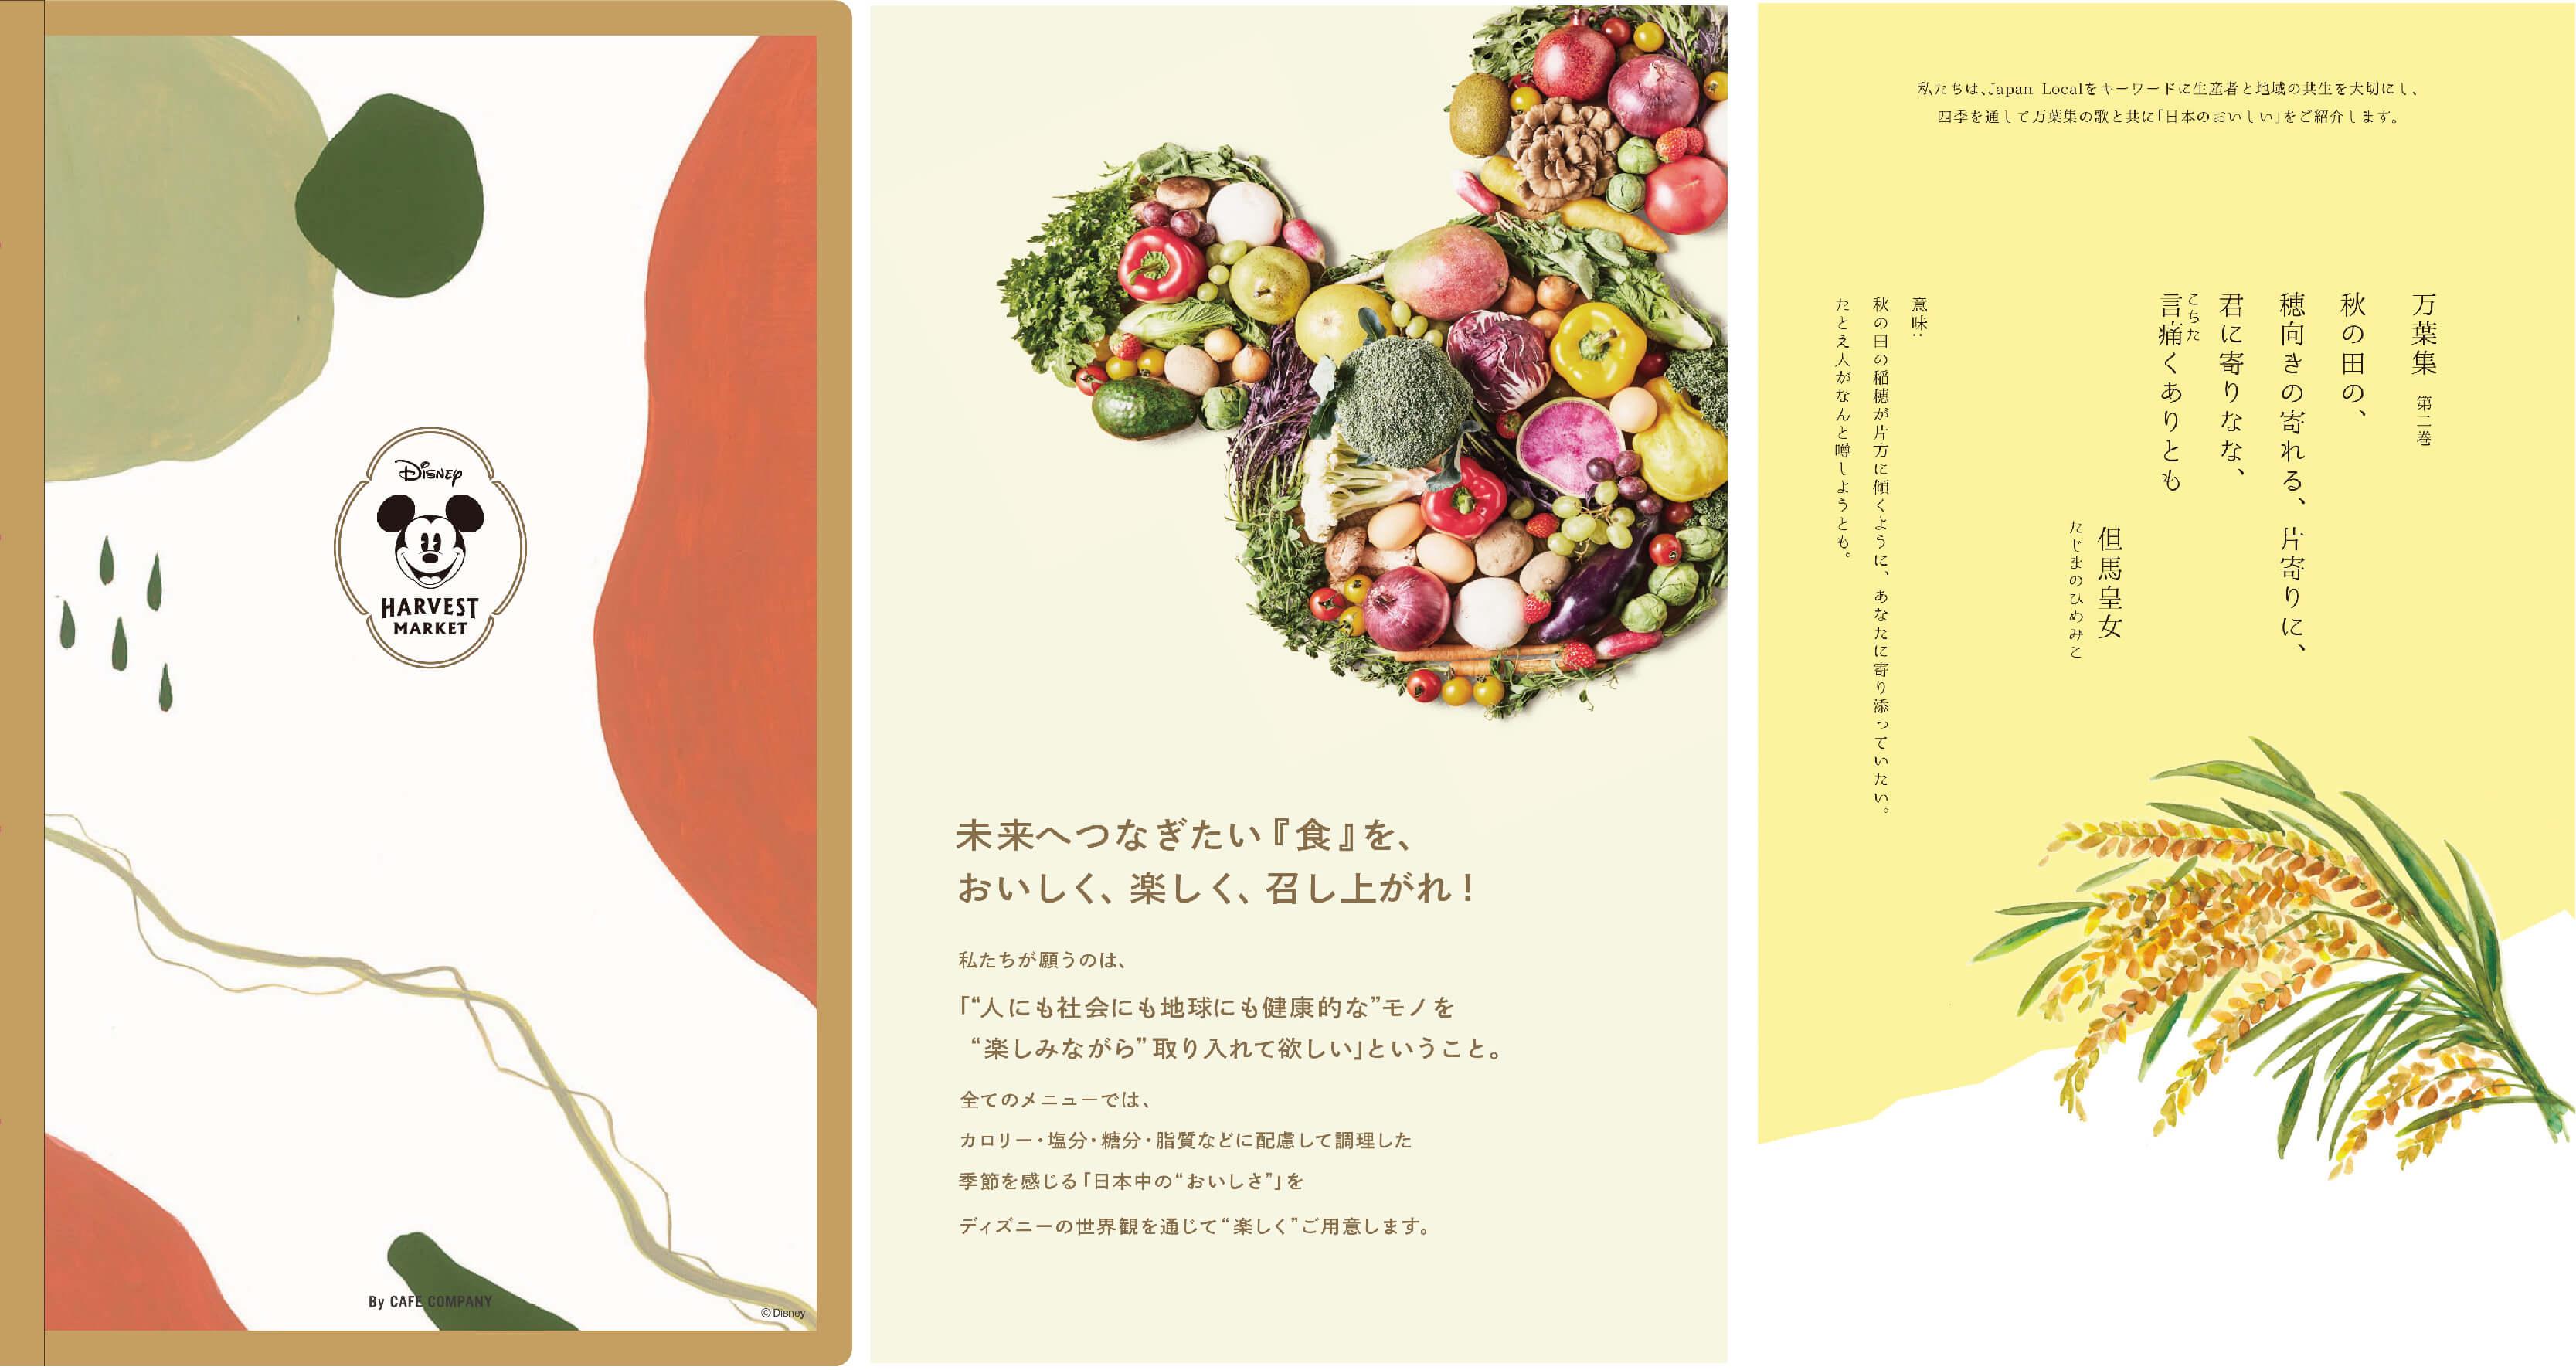 disney-harvest-market-by-cafe-company6-2